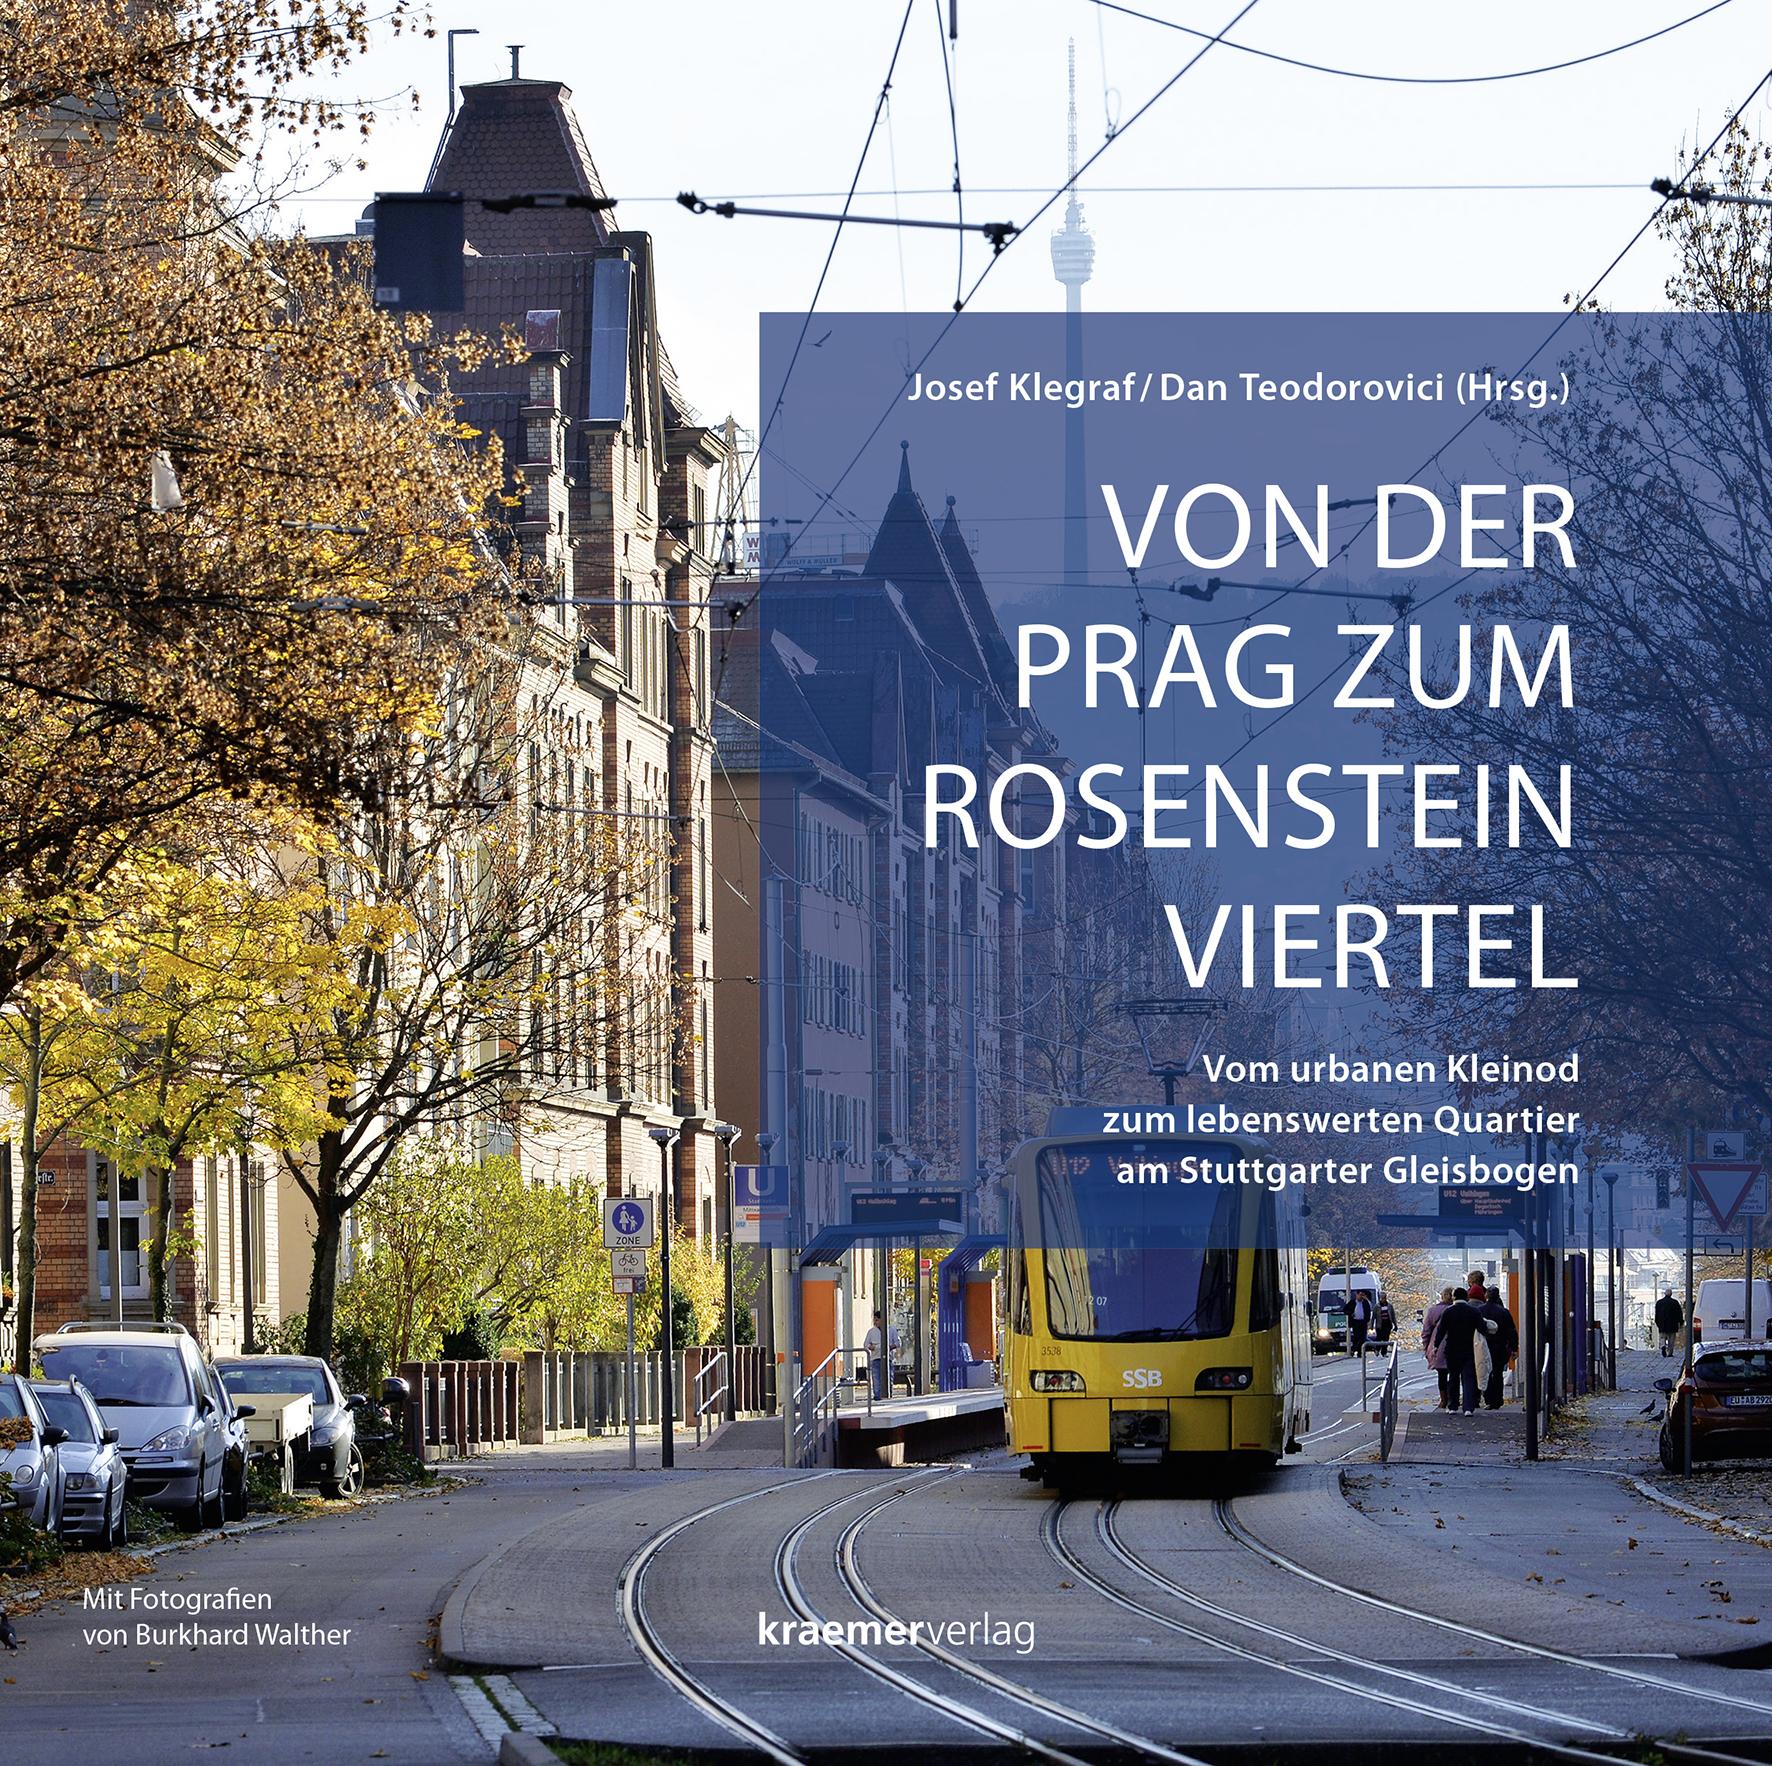 Von der Prag zum Rosensteinviertel, Dan Teodorovici